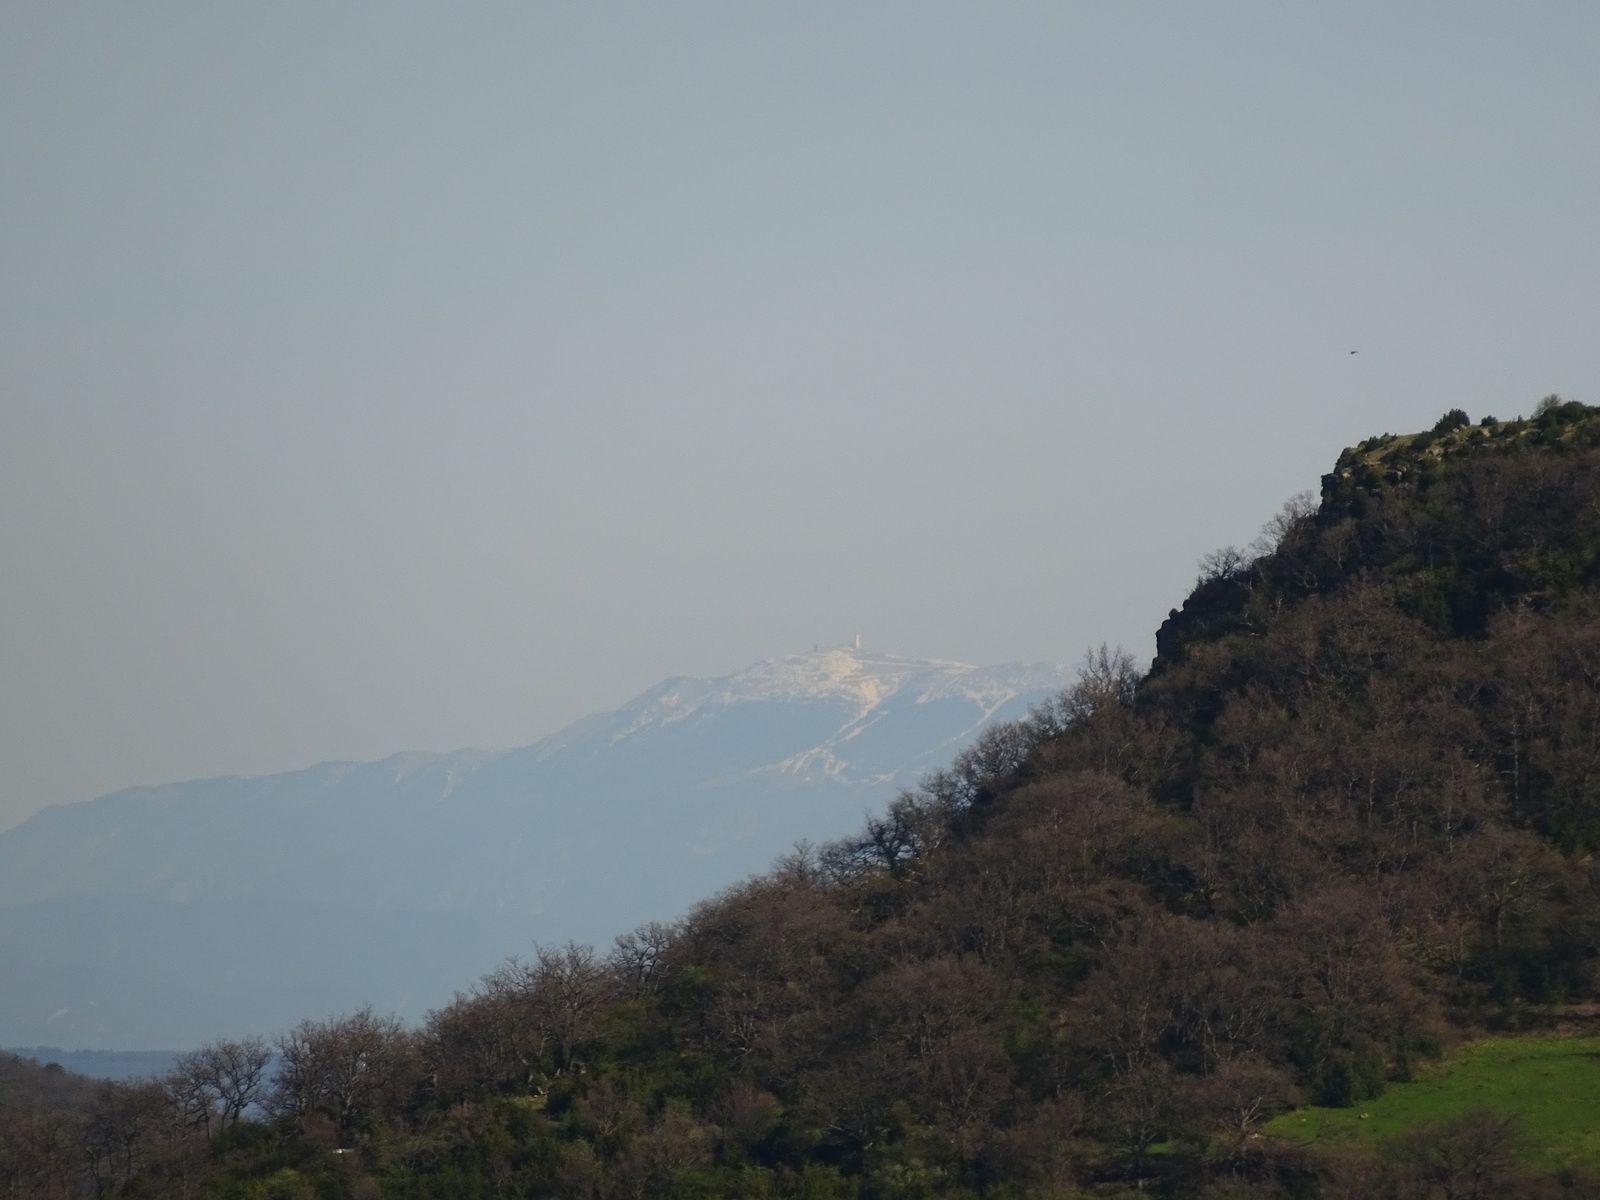 Il paraît que c'est le mont Ventoux.